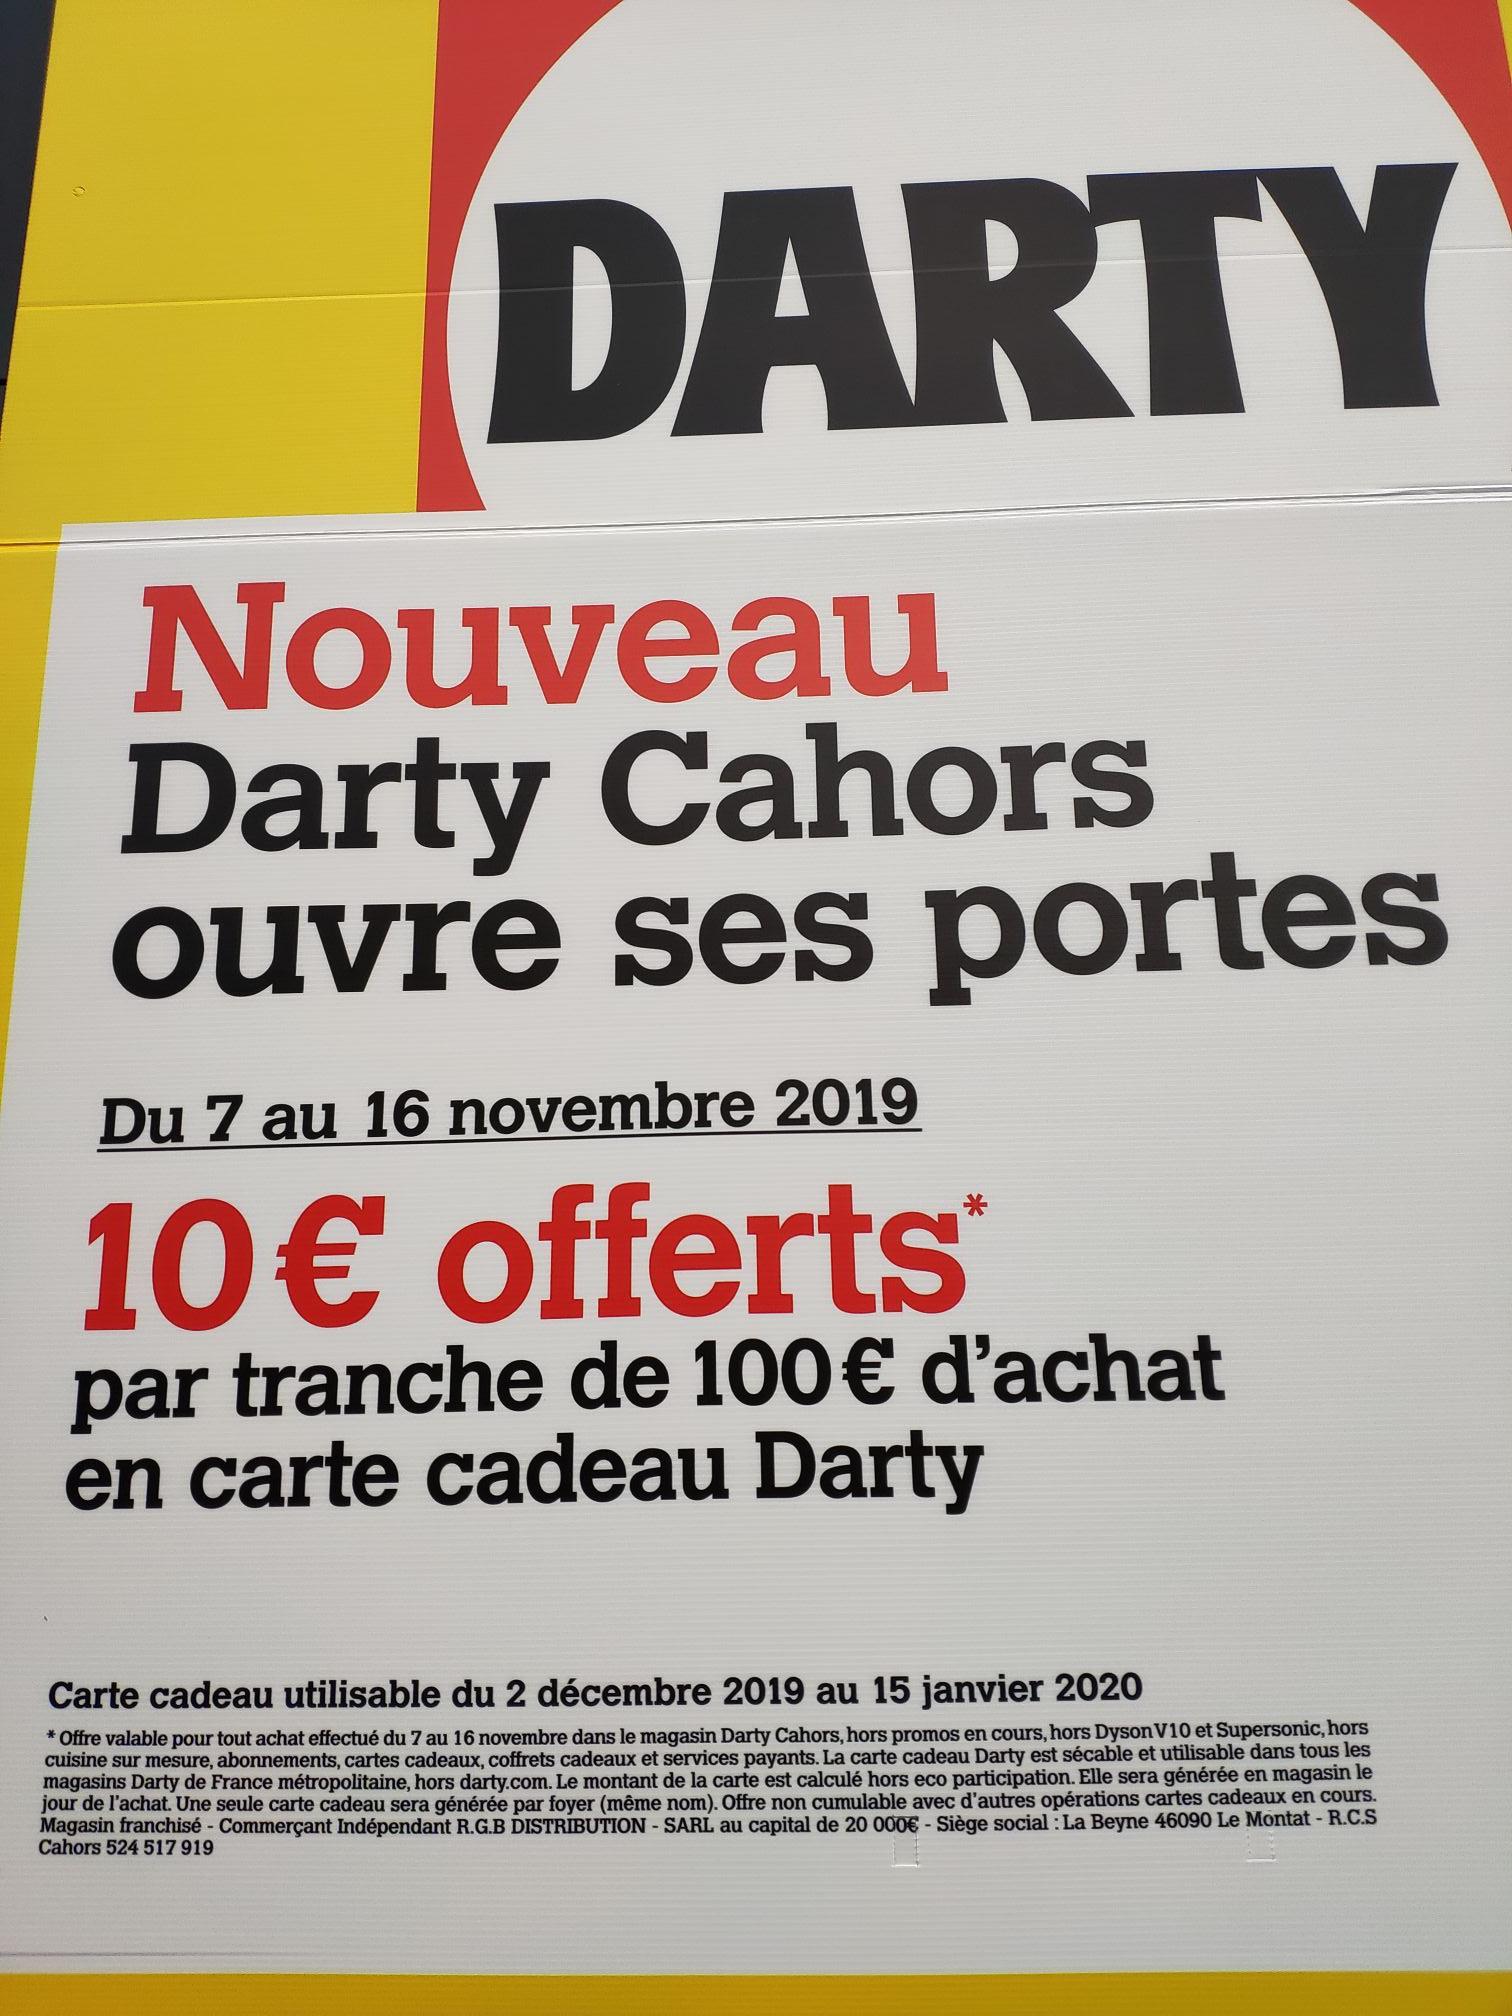 10€ offerts en carte cadeau tous les 100€ d'achat (hors exceptions) - Cahors (46)